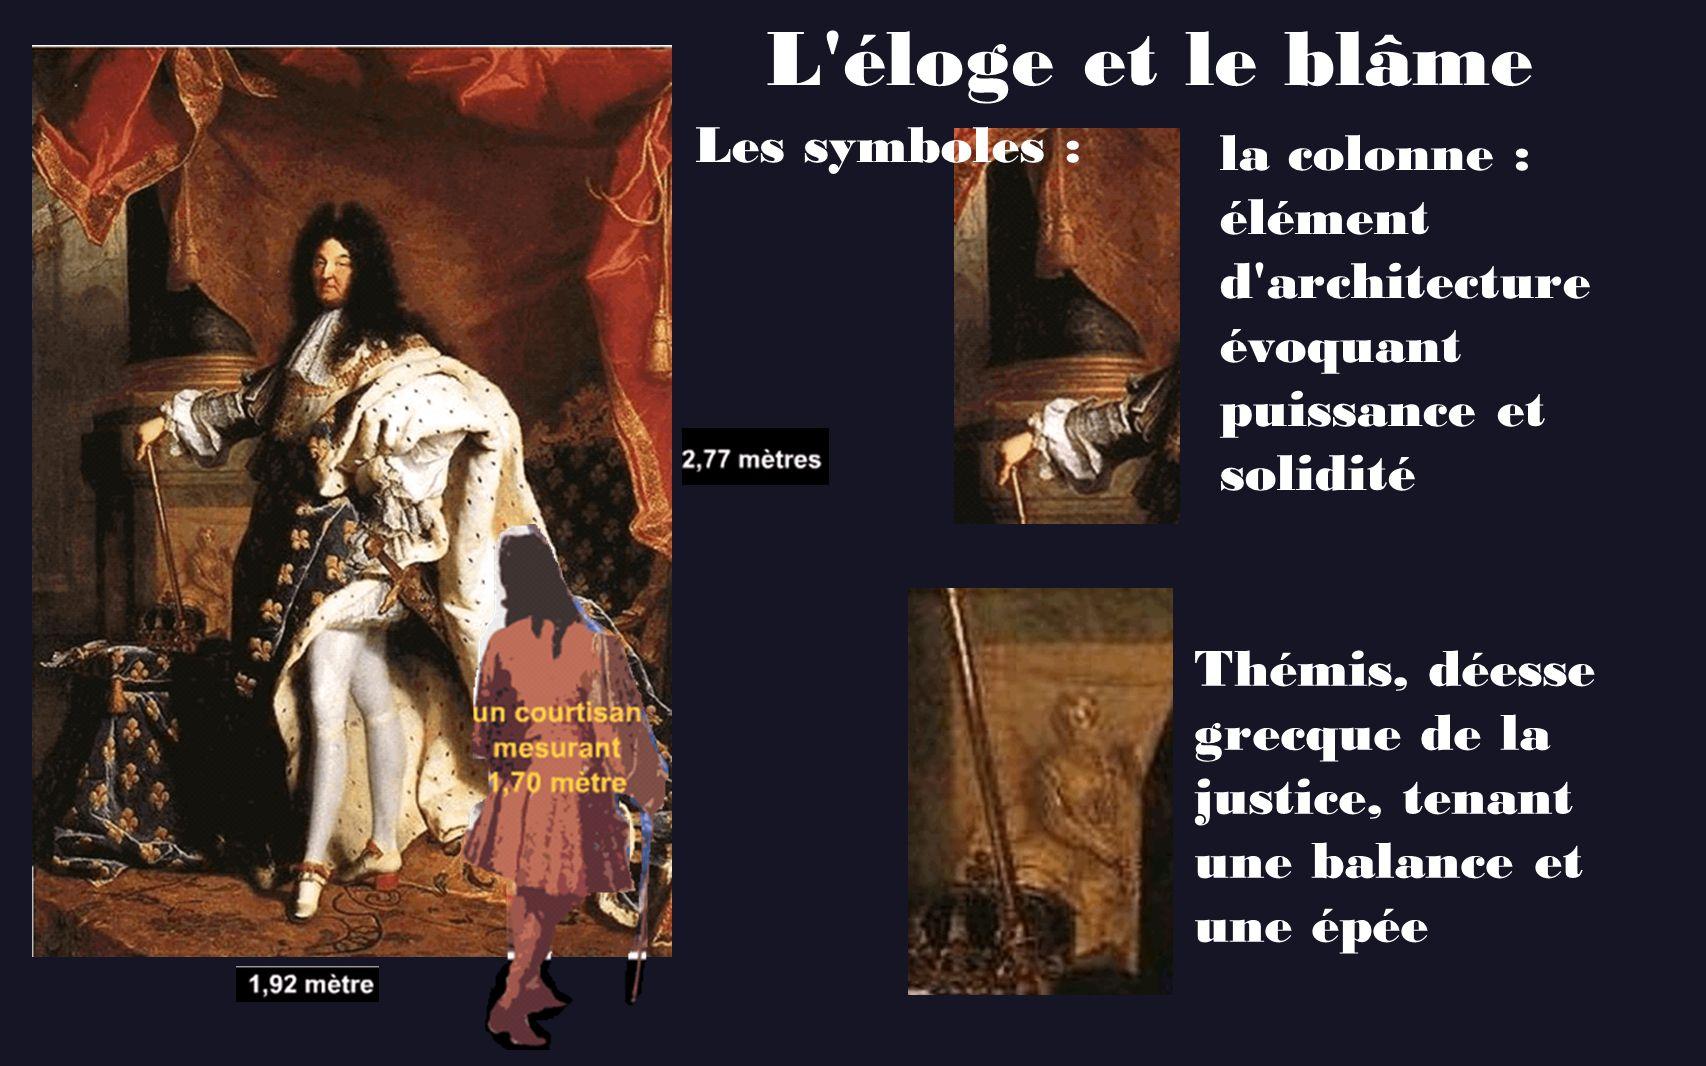 L'éloge et le blâme Les symboles : la colonne : élément d'architecture évoquant puissance et solidité Thémis, déesse grecque de la justice, tenant une